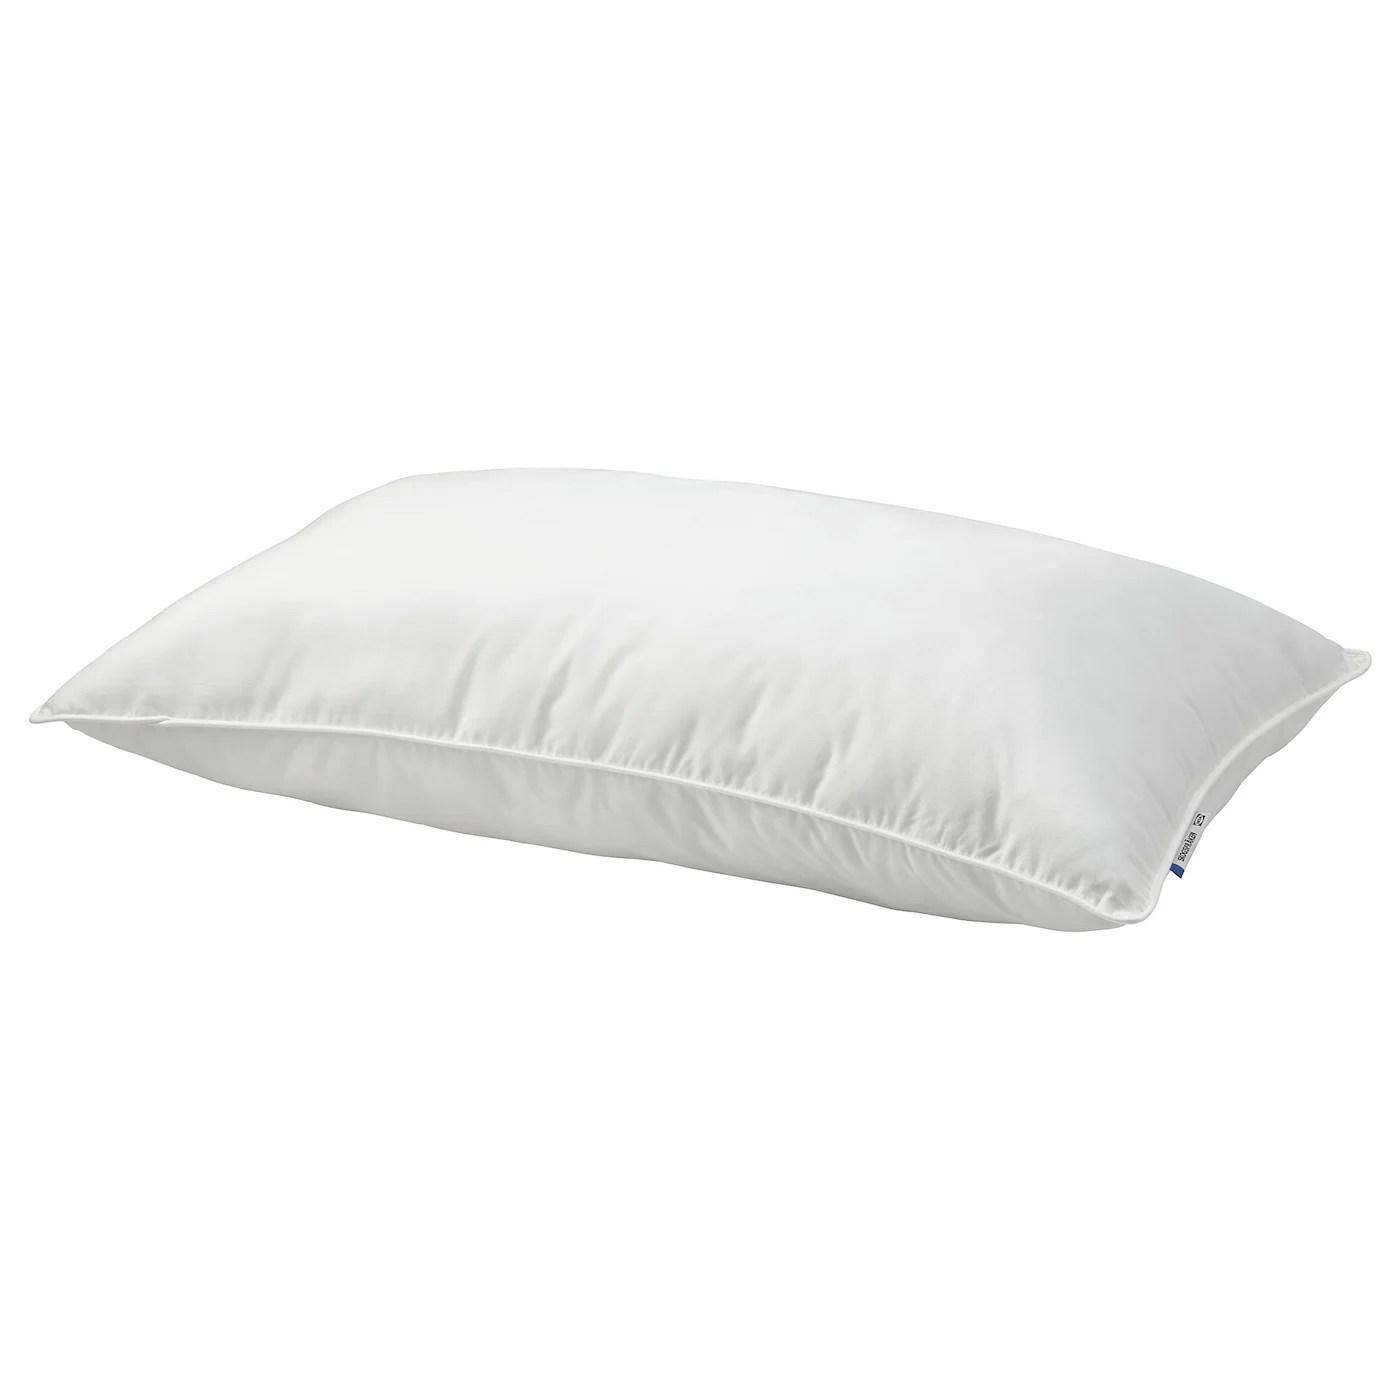 ikea firmer bed pillow white standard